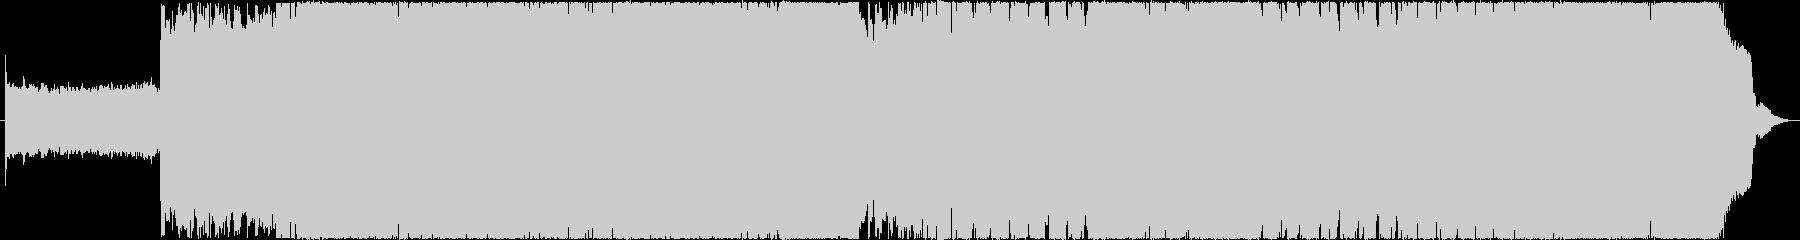 リフが特徴的なオリジナルハードロックの未再生の波形